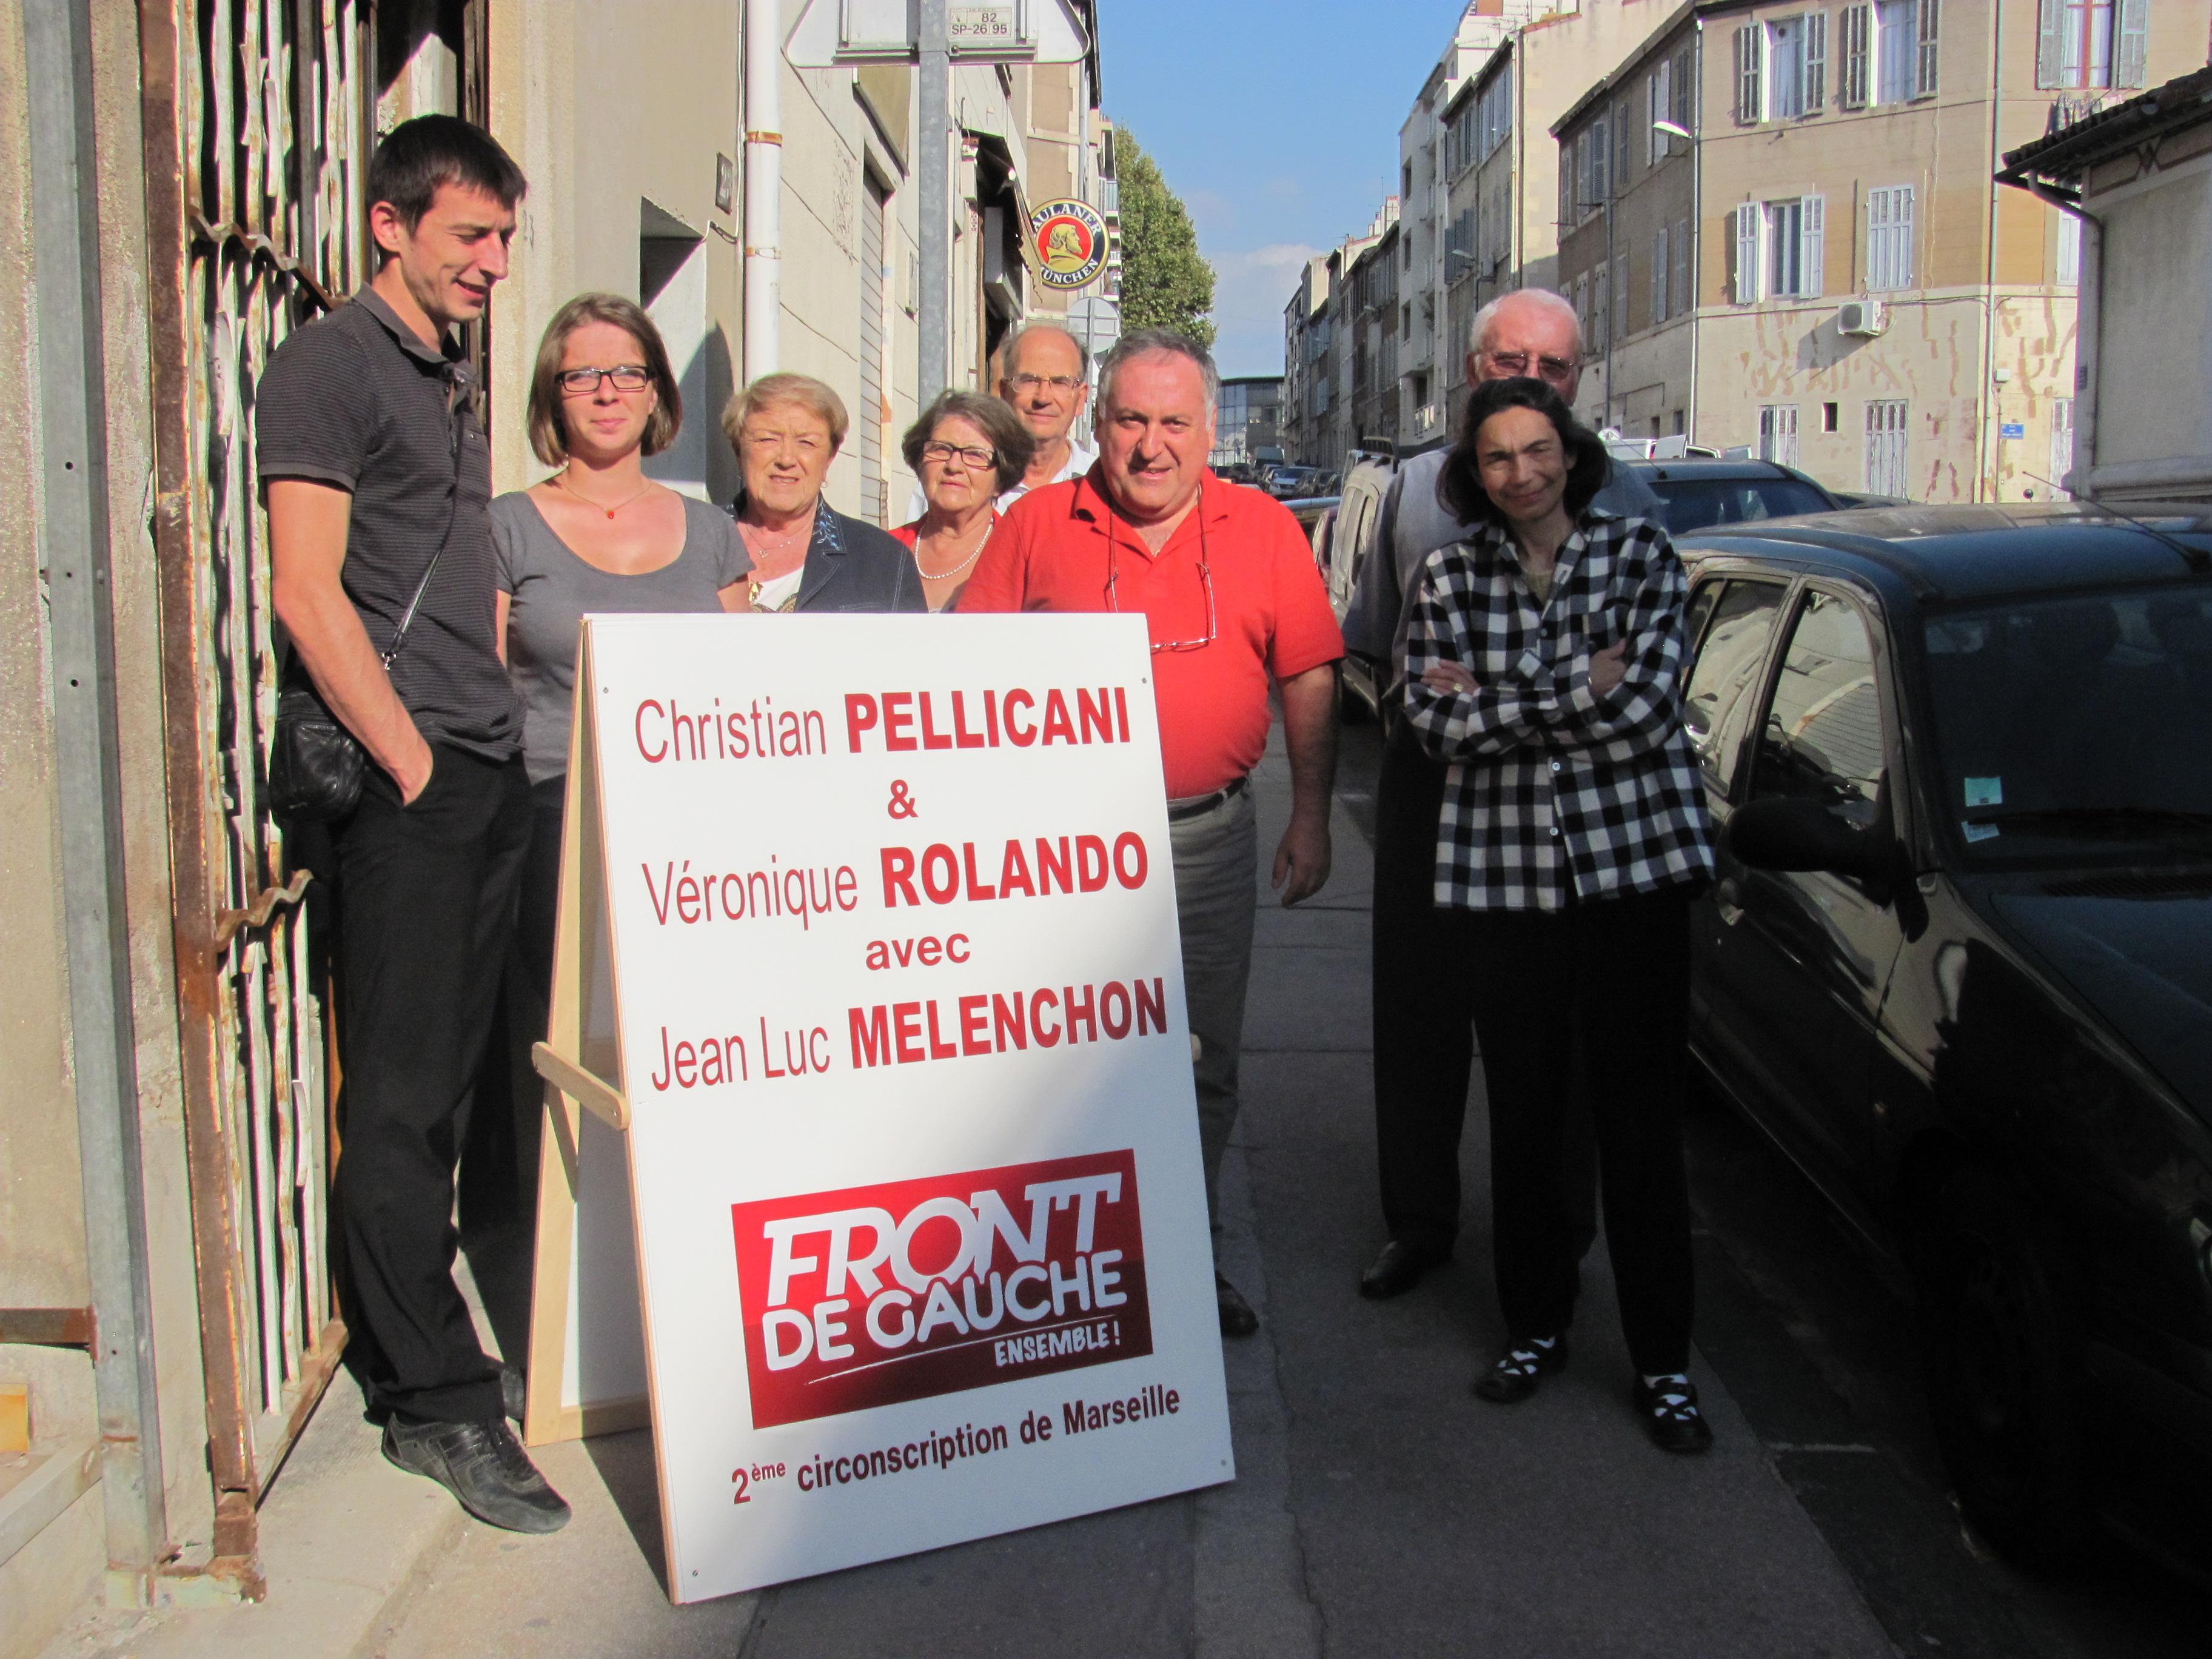 Présidentielle /Législatives 2012 : La 2 eme Circonscription de Marseille en ordre de marche !